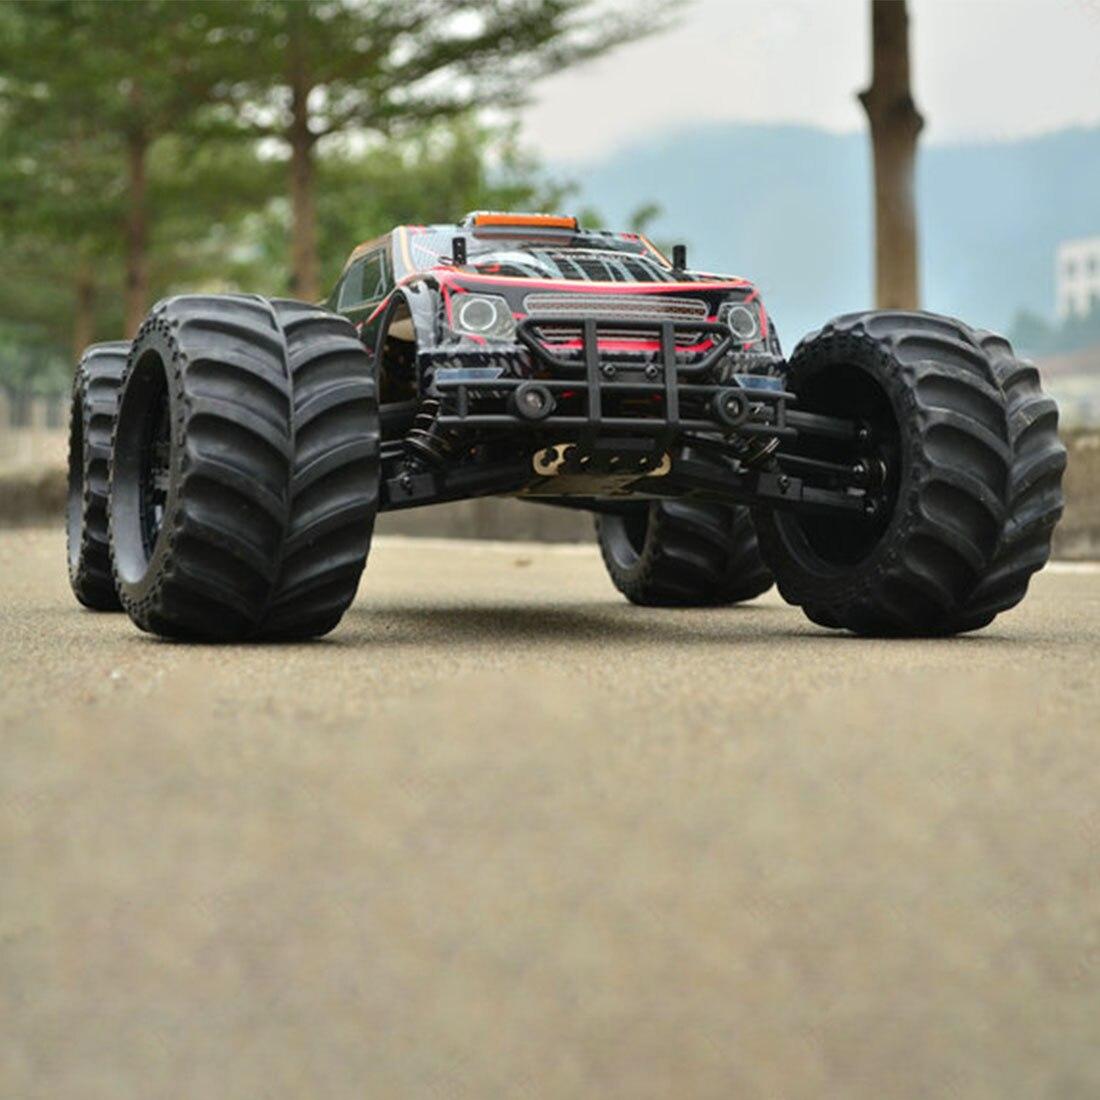 Jlb Racing 1:10 4WD Rc Borstelloze Monster Truck Off Road Voertuig Waterdichte Rc Auto Met Wheelie Functie Speelgoed Voor kid Rtr Versie - 3